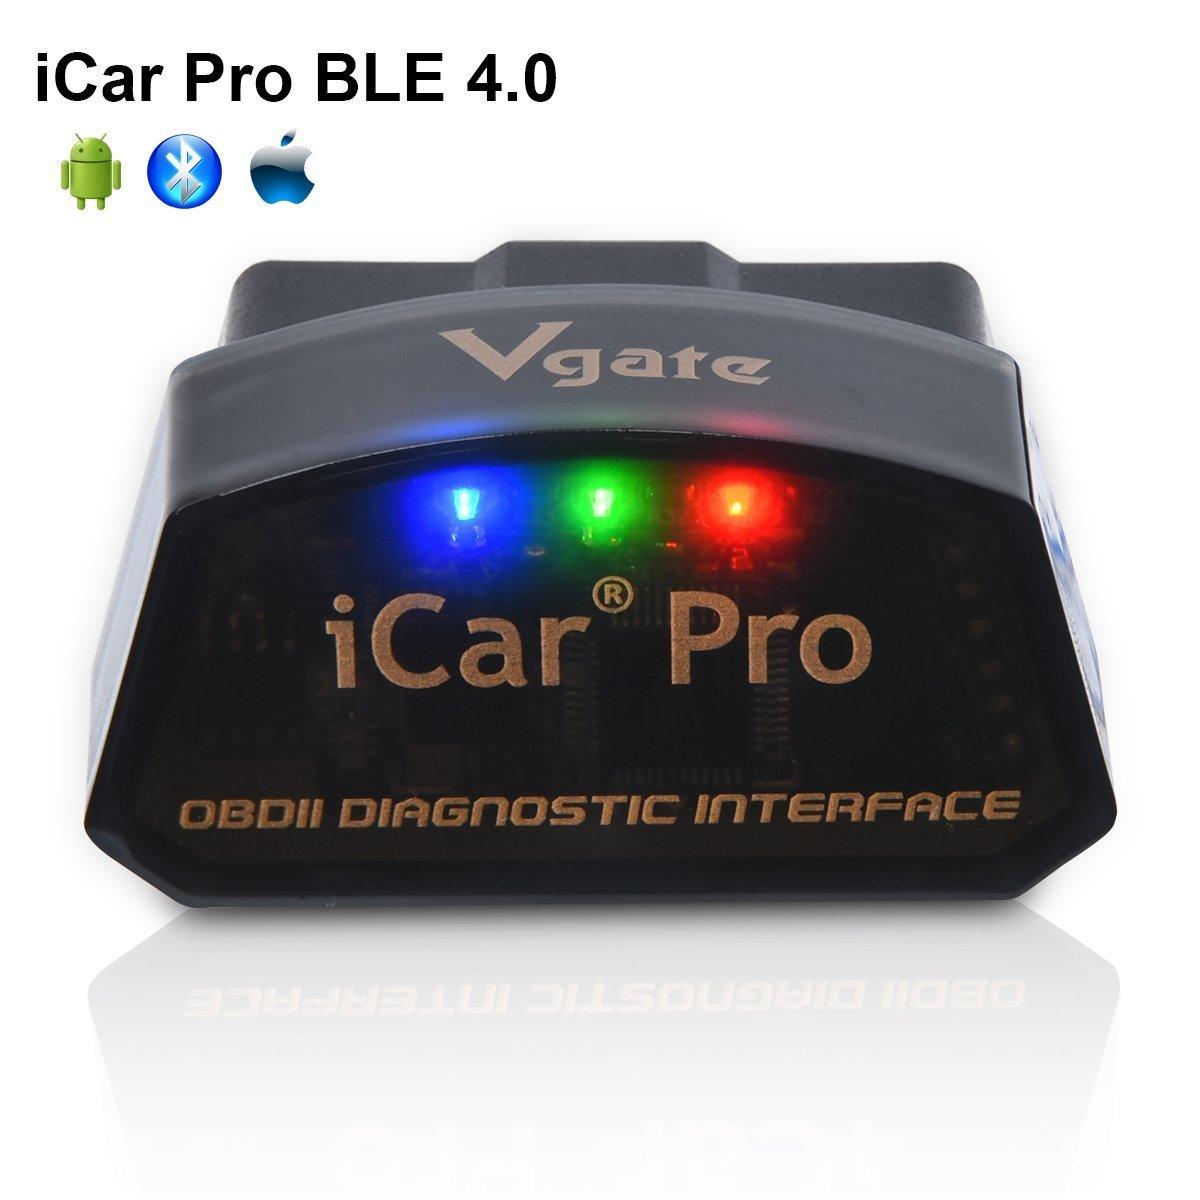 Vgate iCar Pro Bluetooth 4.0 (BLE) OBD2, Scanner diagnostico per auto con Bluetooth 4.0 per iOS e Android